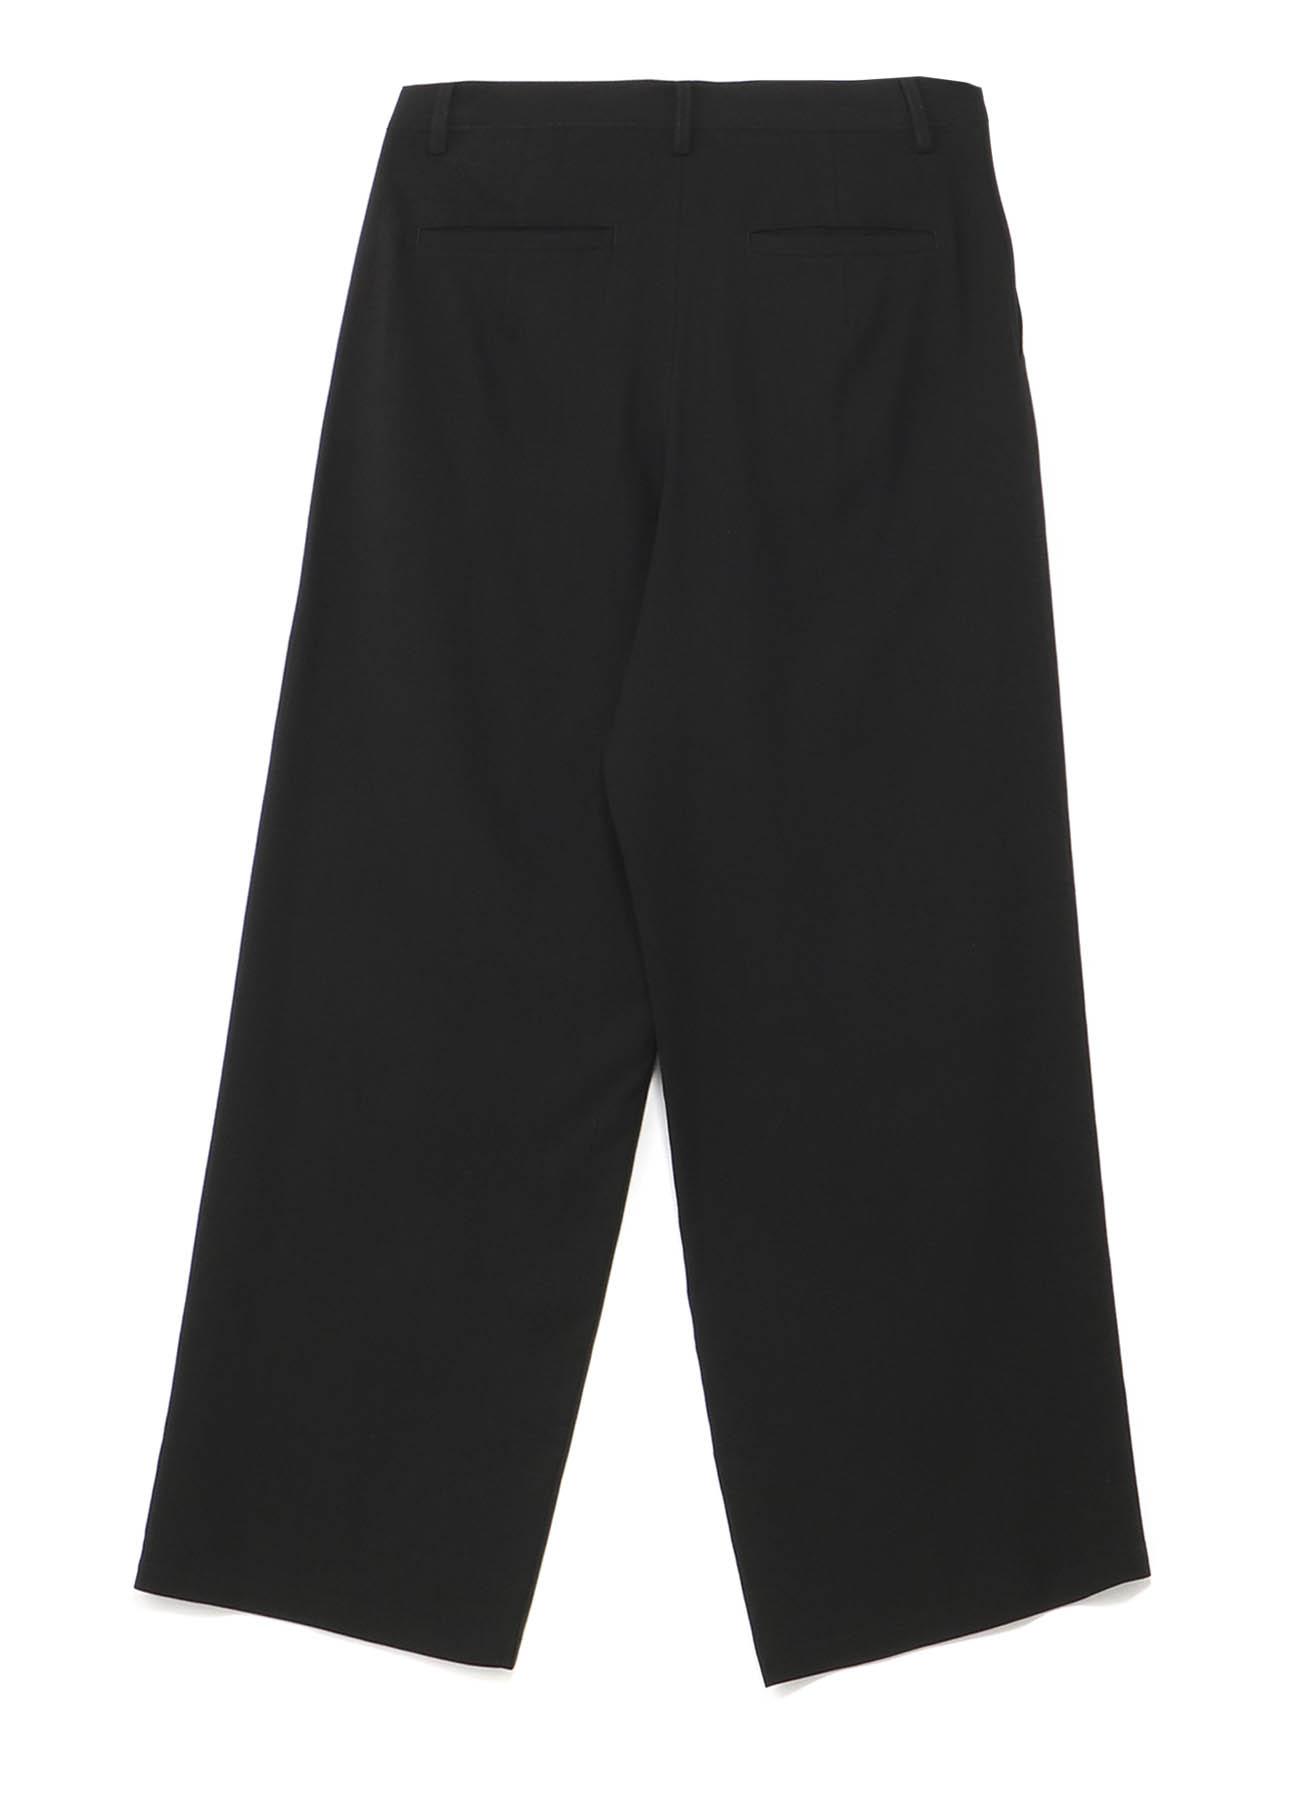 強撚ギャバ 後片玉縁パンツ